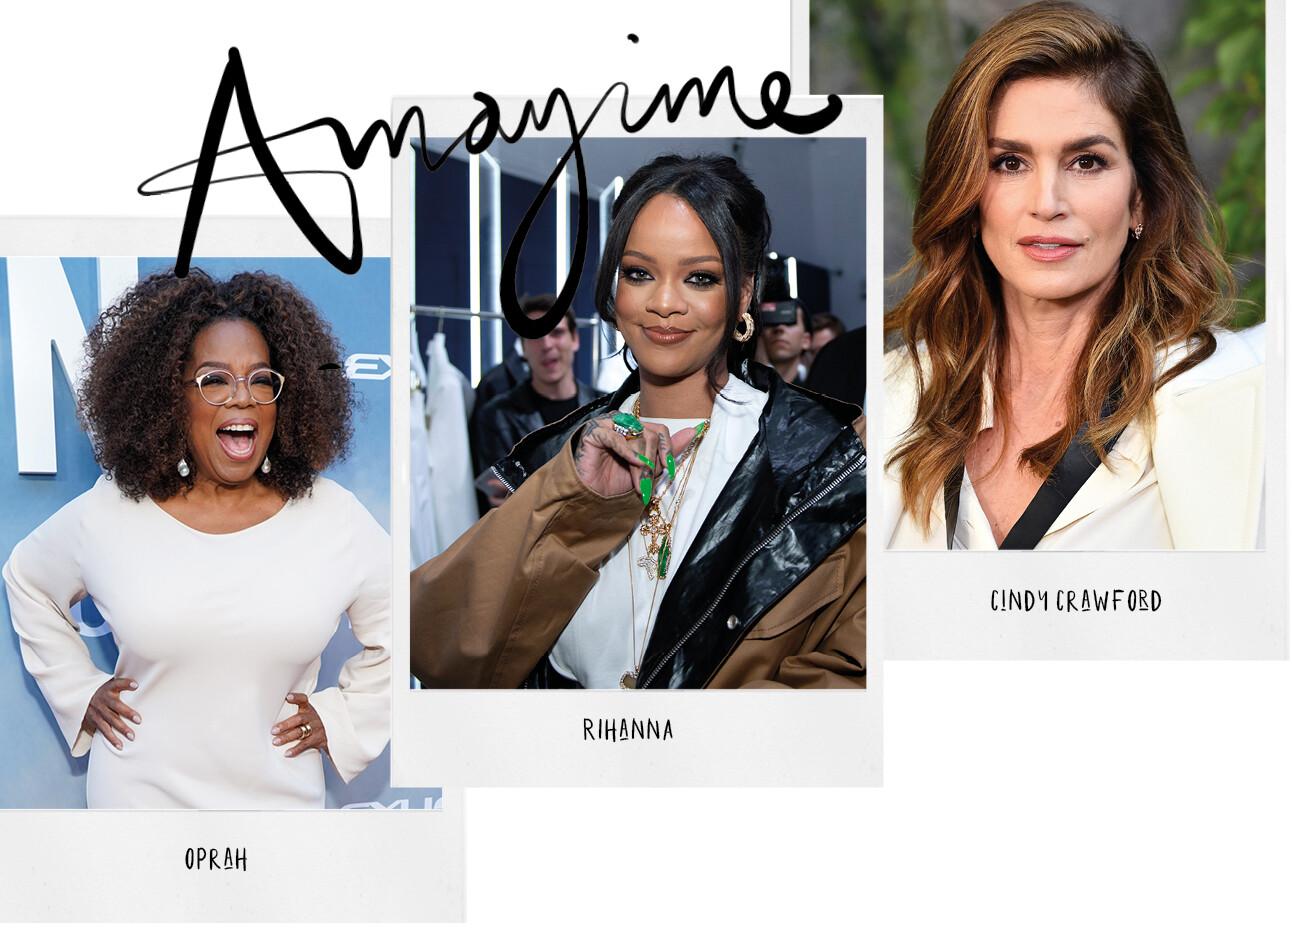 Selfmade-rijkste-vrouwen-amerika-oprah-rihanna-Cindy Crawford